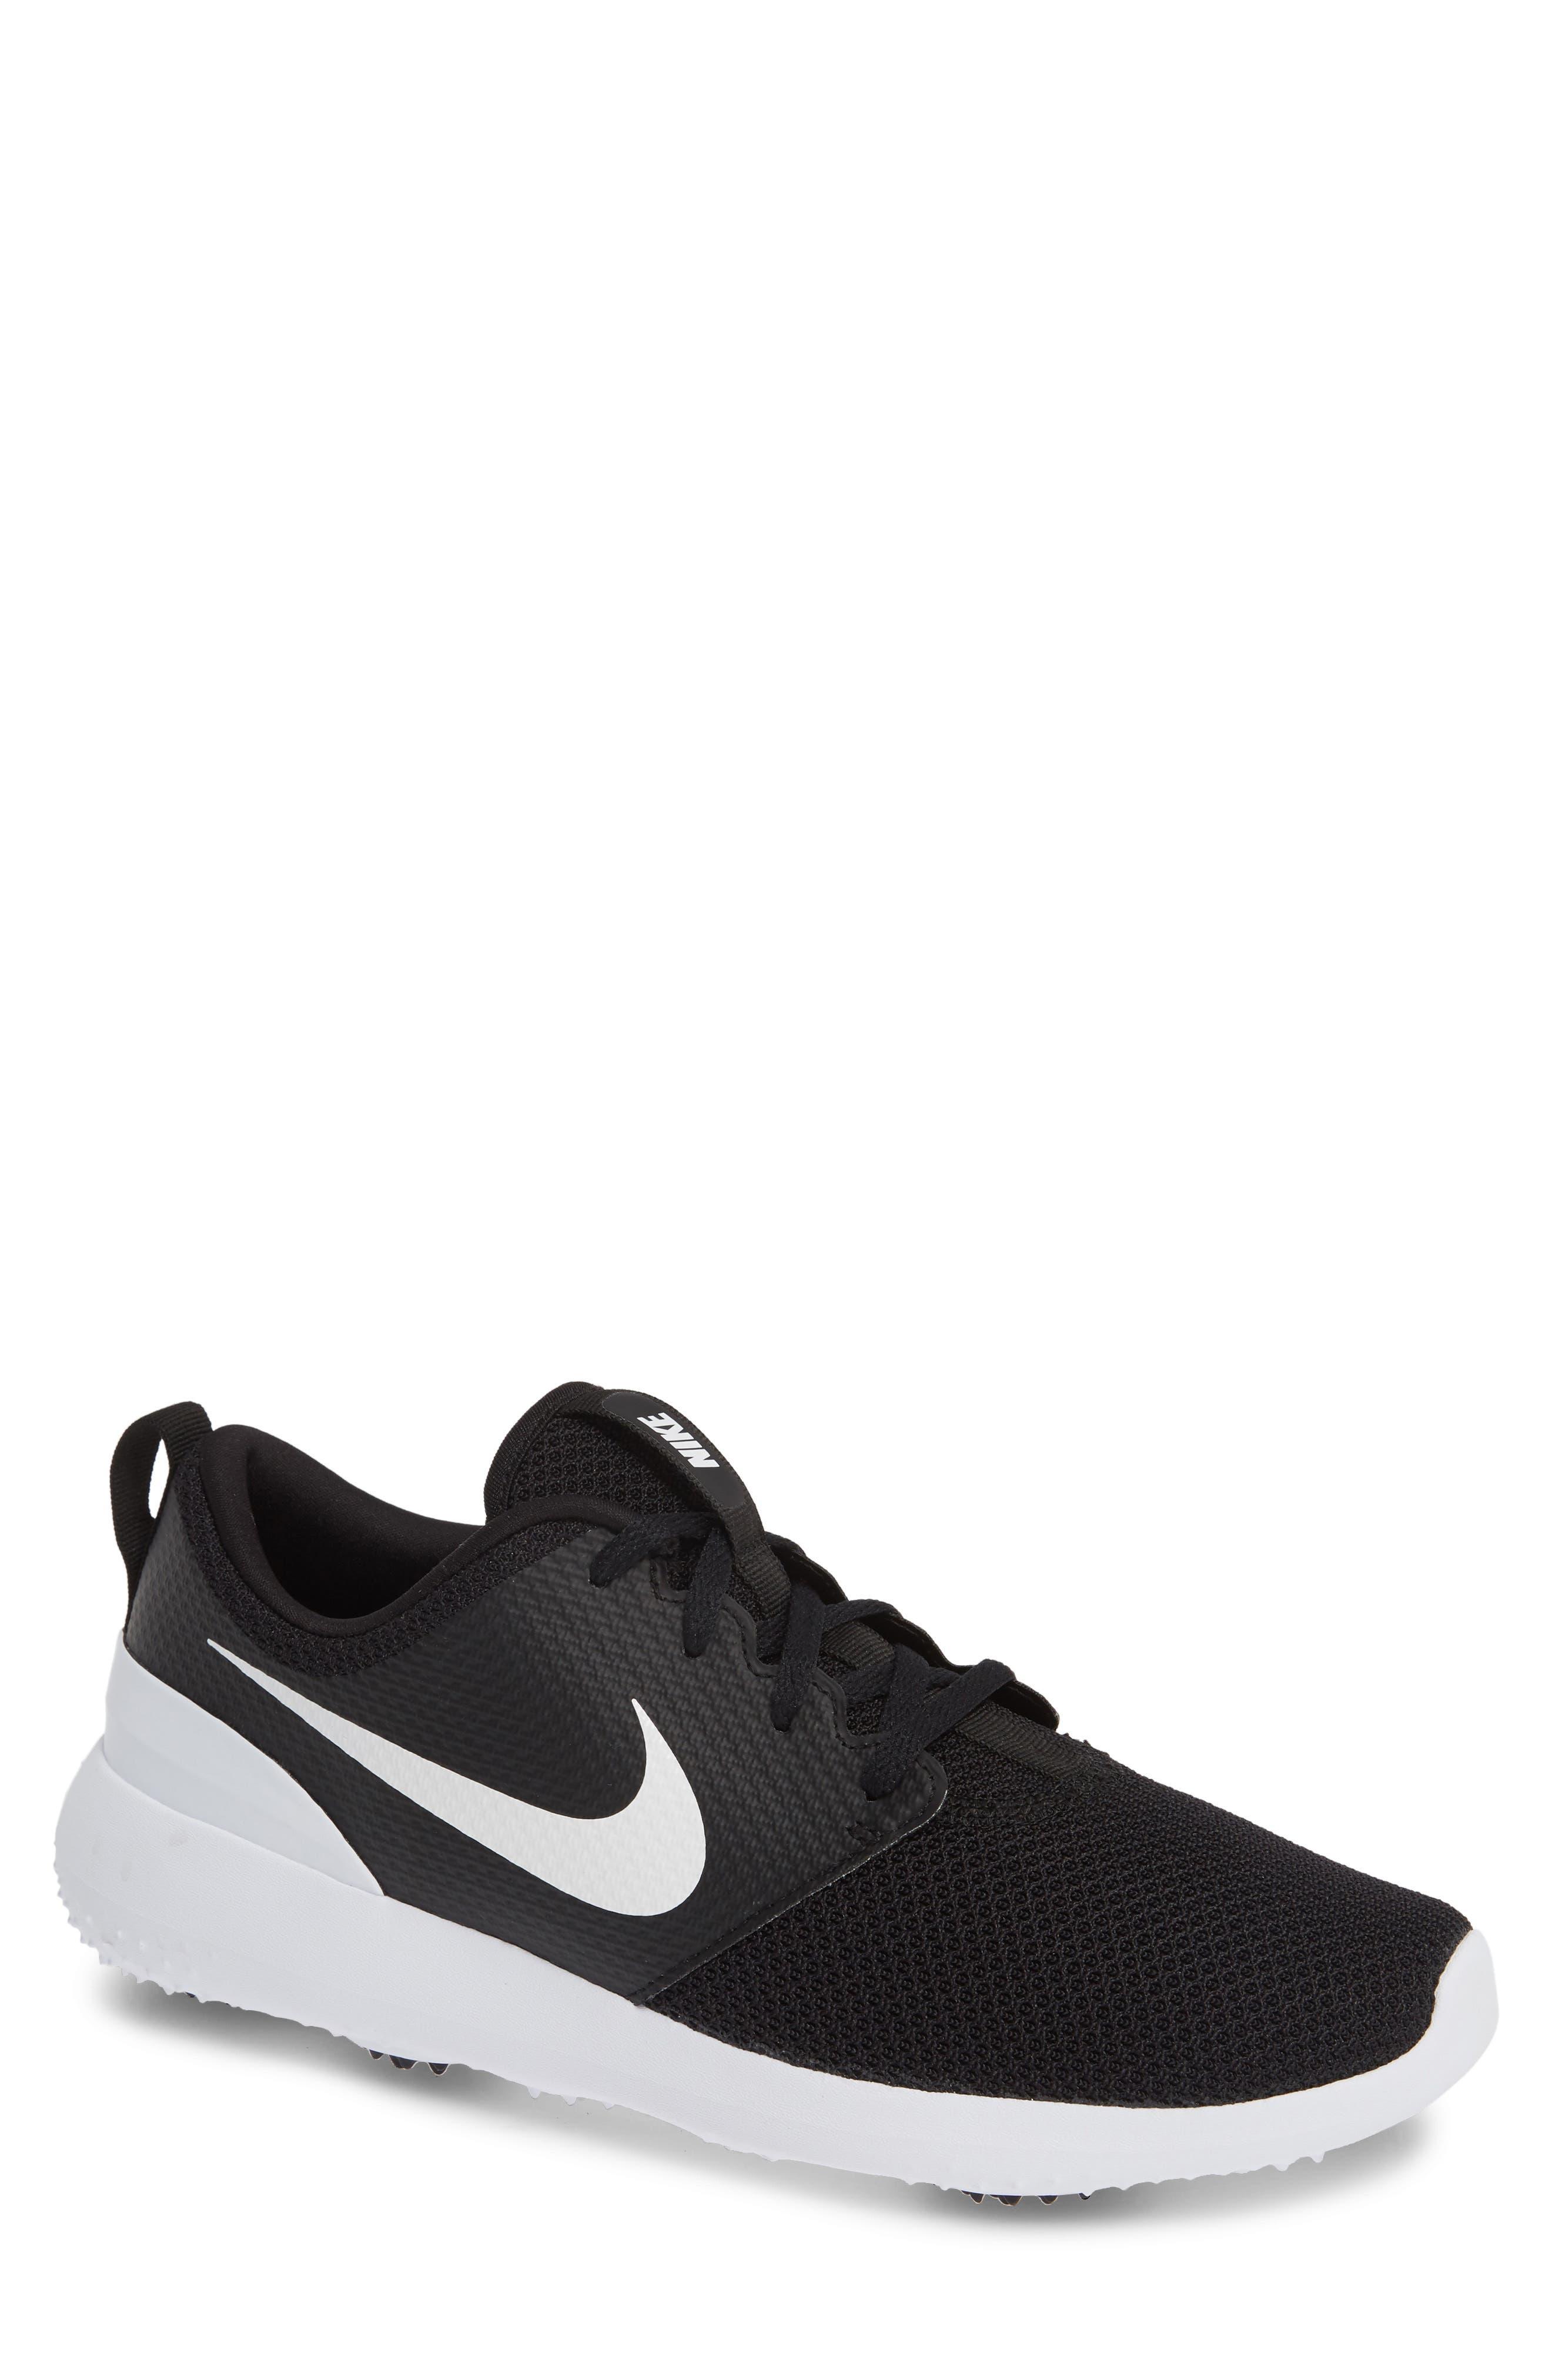 NIKE,                             Roshe Golf Shoe,                             Main thumbnail 1, color,                             BLACK/ WHITE